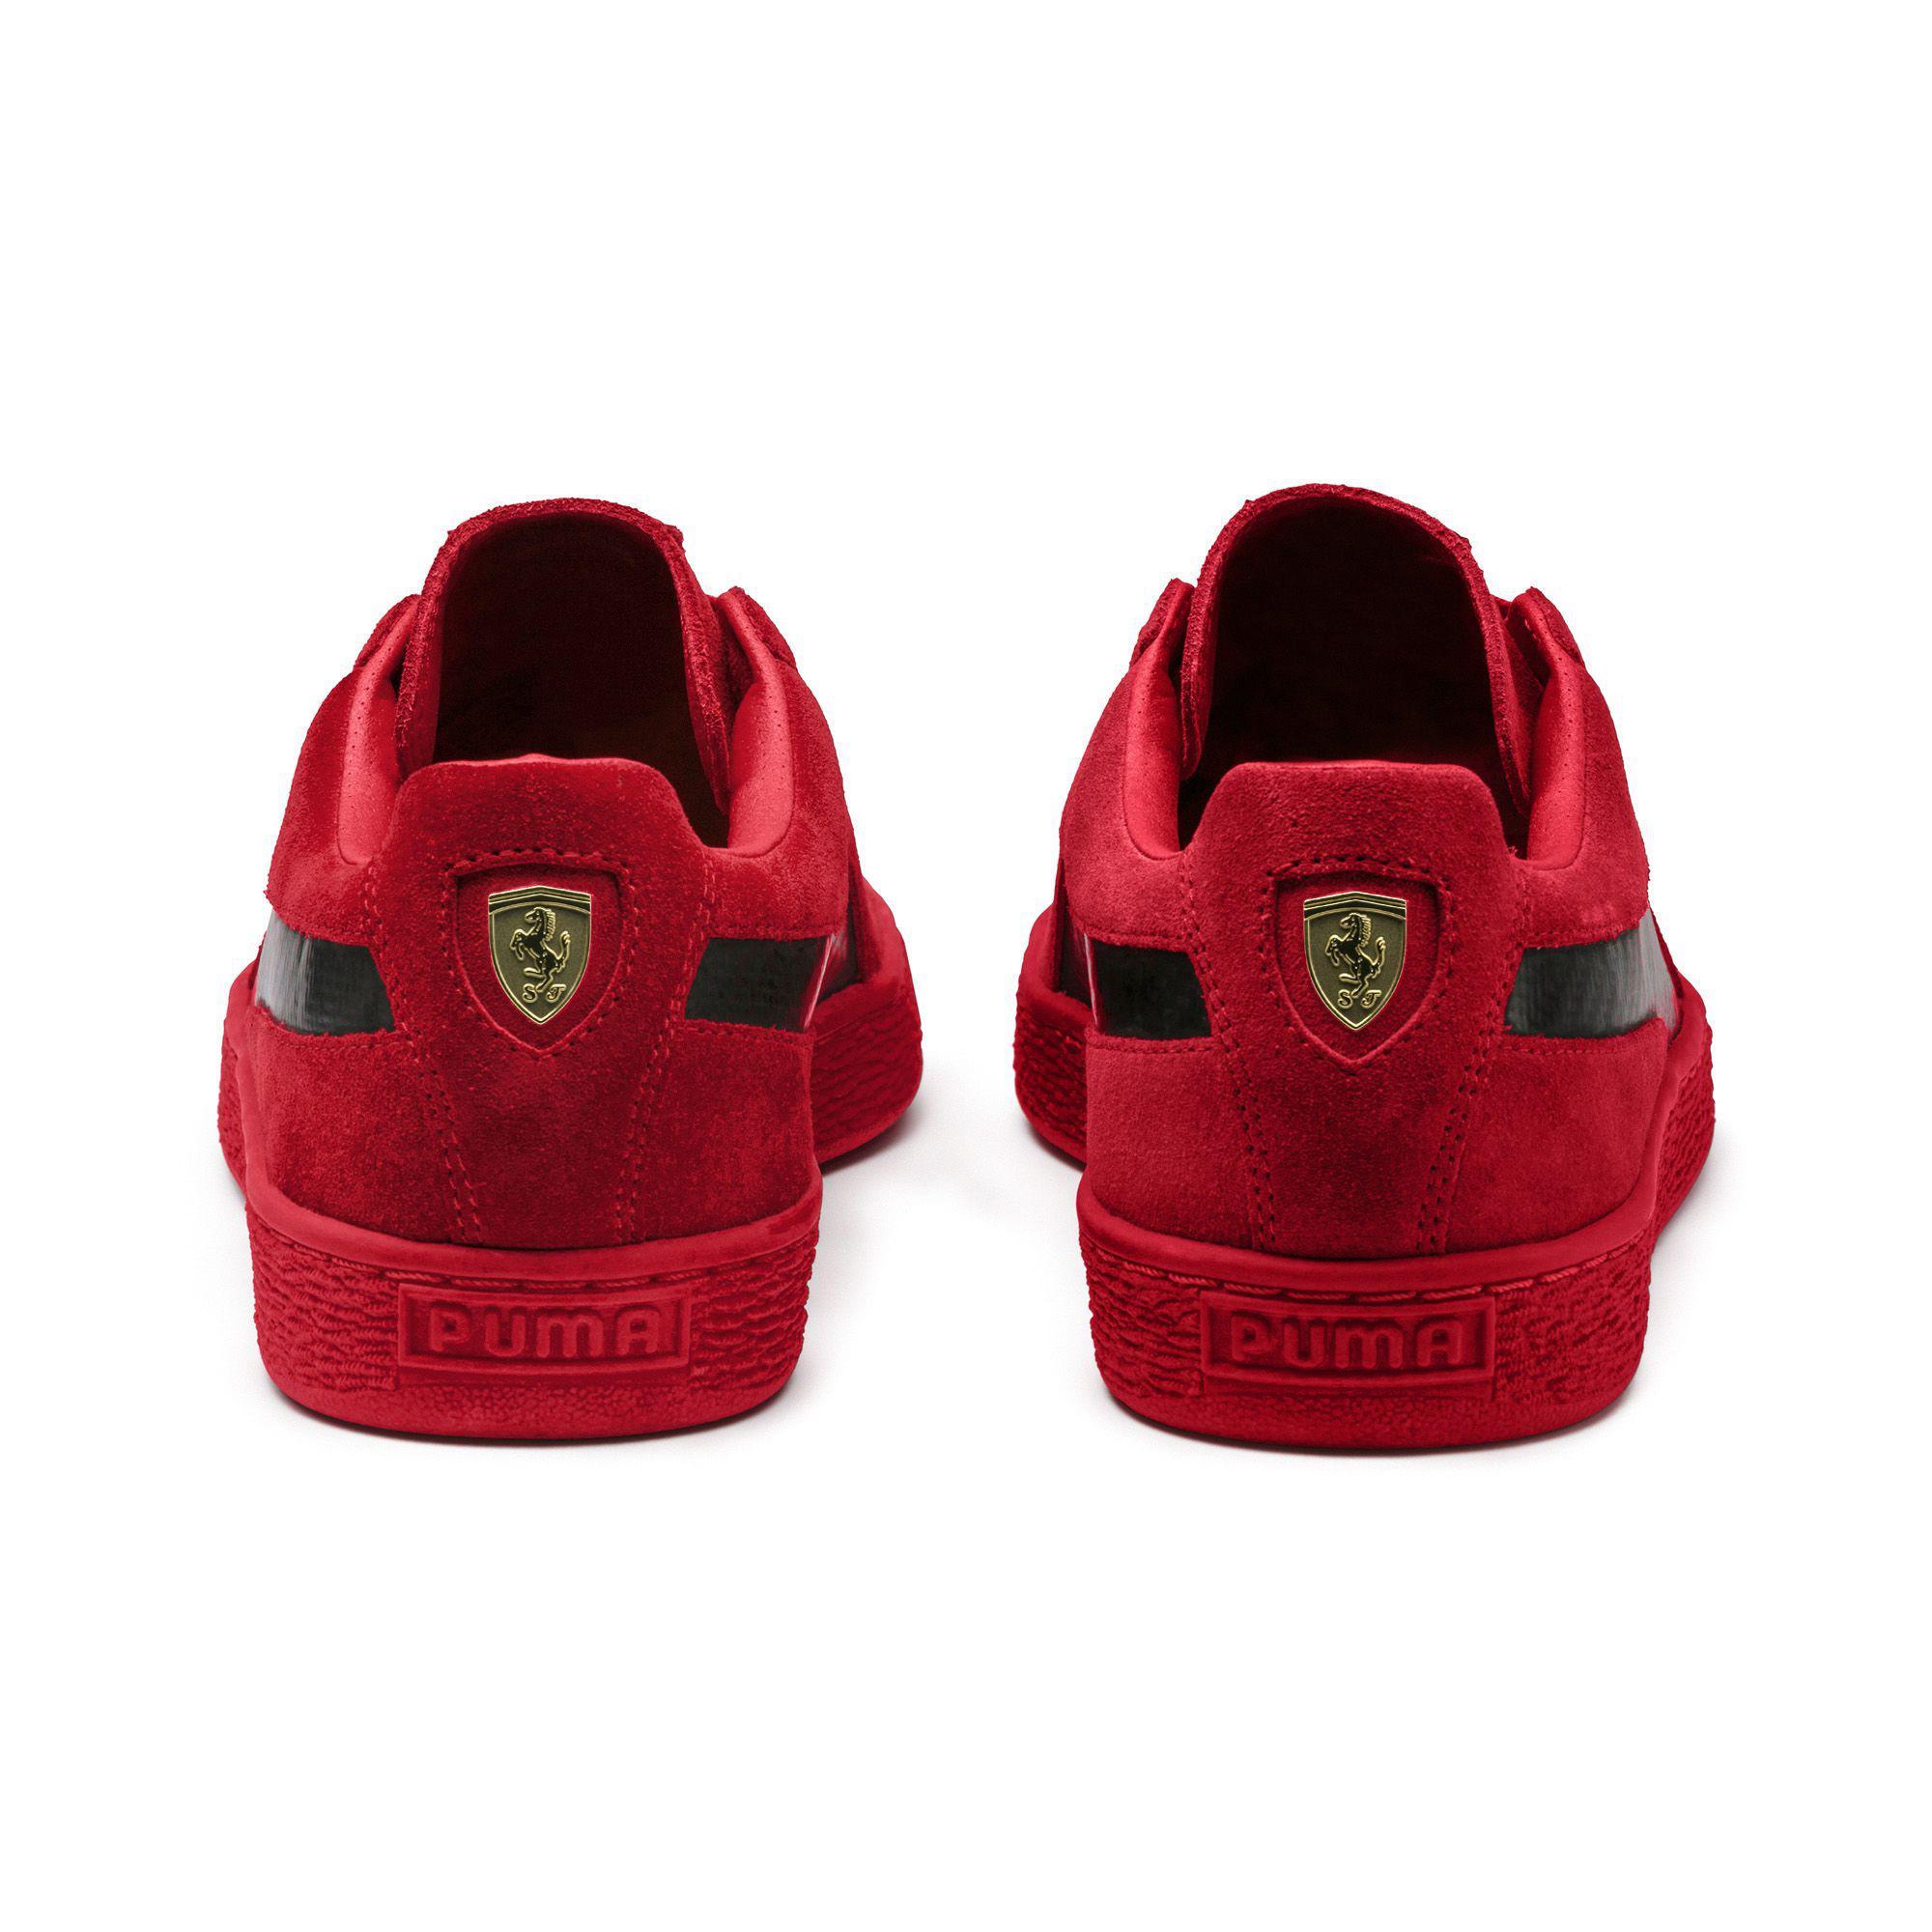 85d03213 PUMA Red X Ferrari Classic Suede